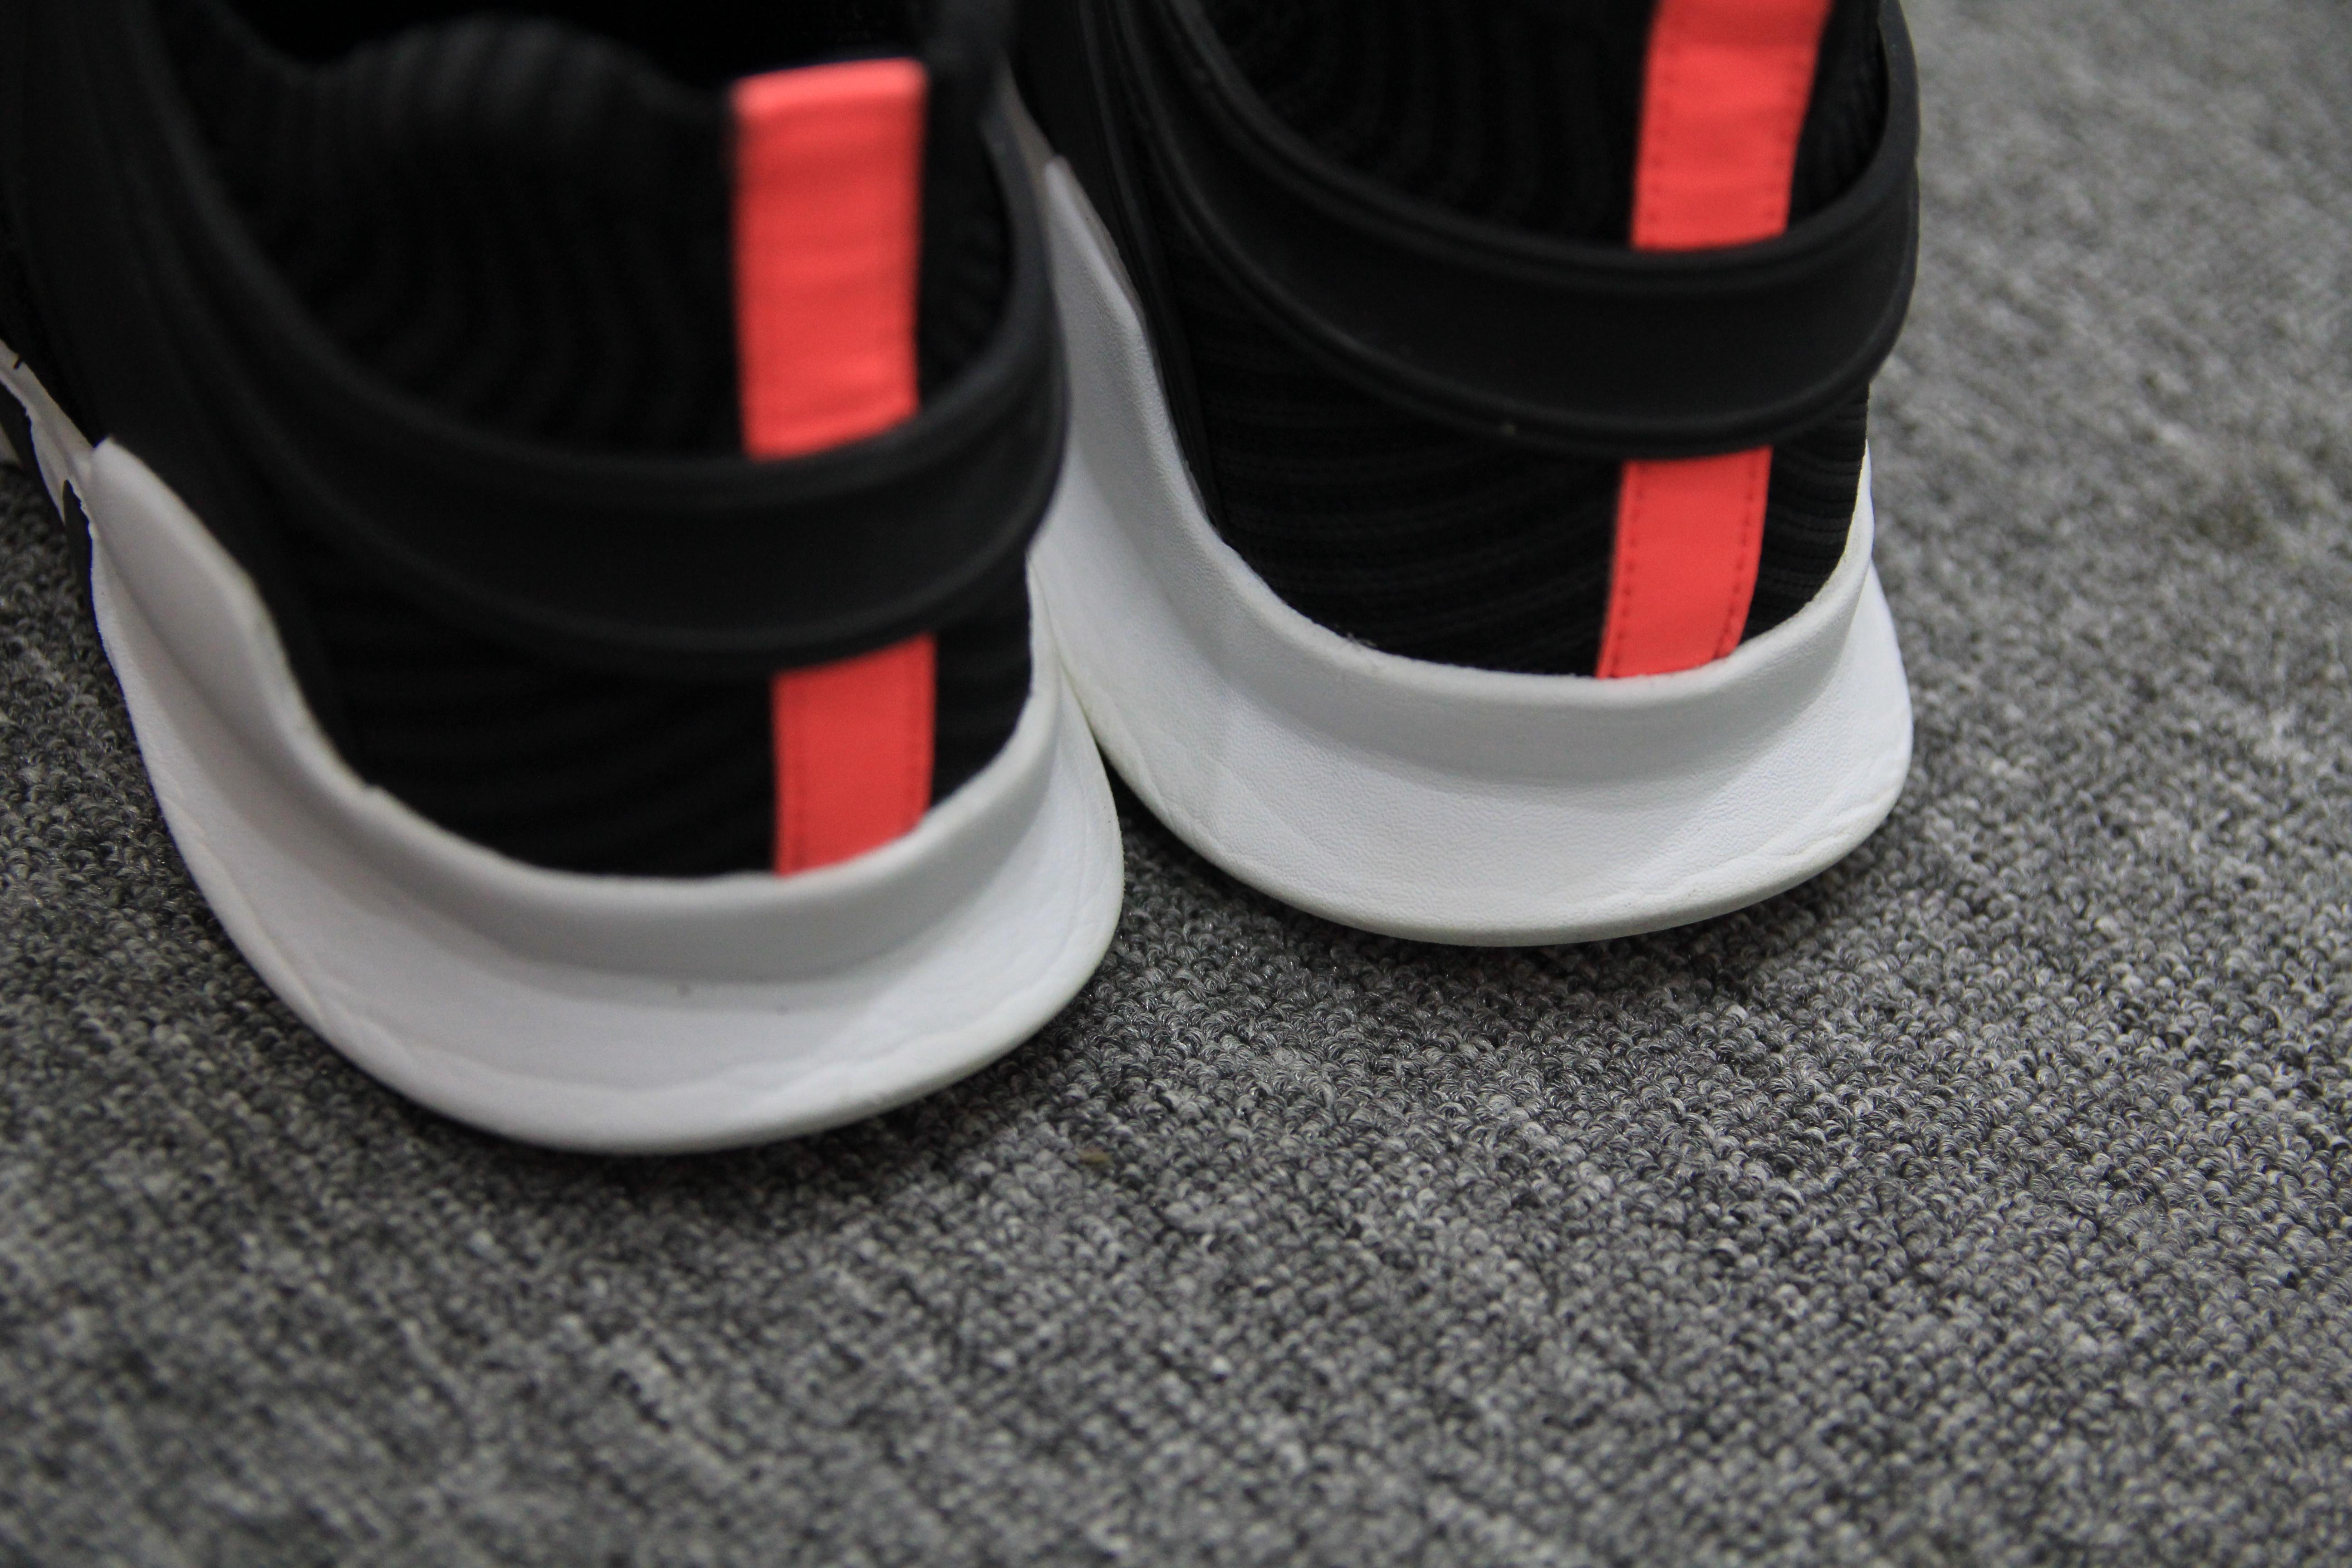 Sau khi đi thử adidas EQT trong 10 ngày, tôi khẳng định đây là một trong những đôi giày tốt nhất bạn nên mua - Ảnh 16.